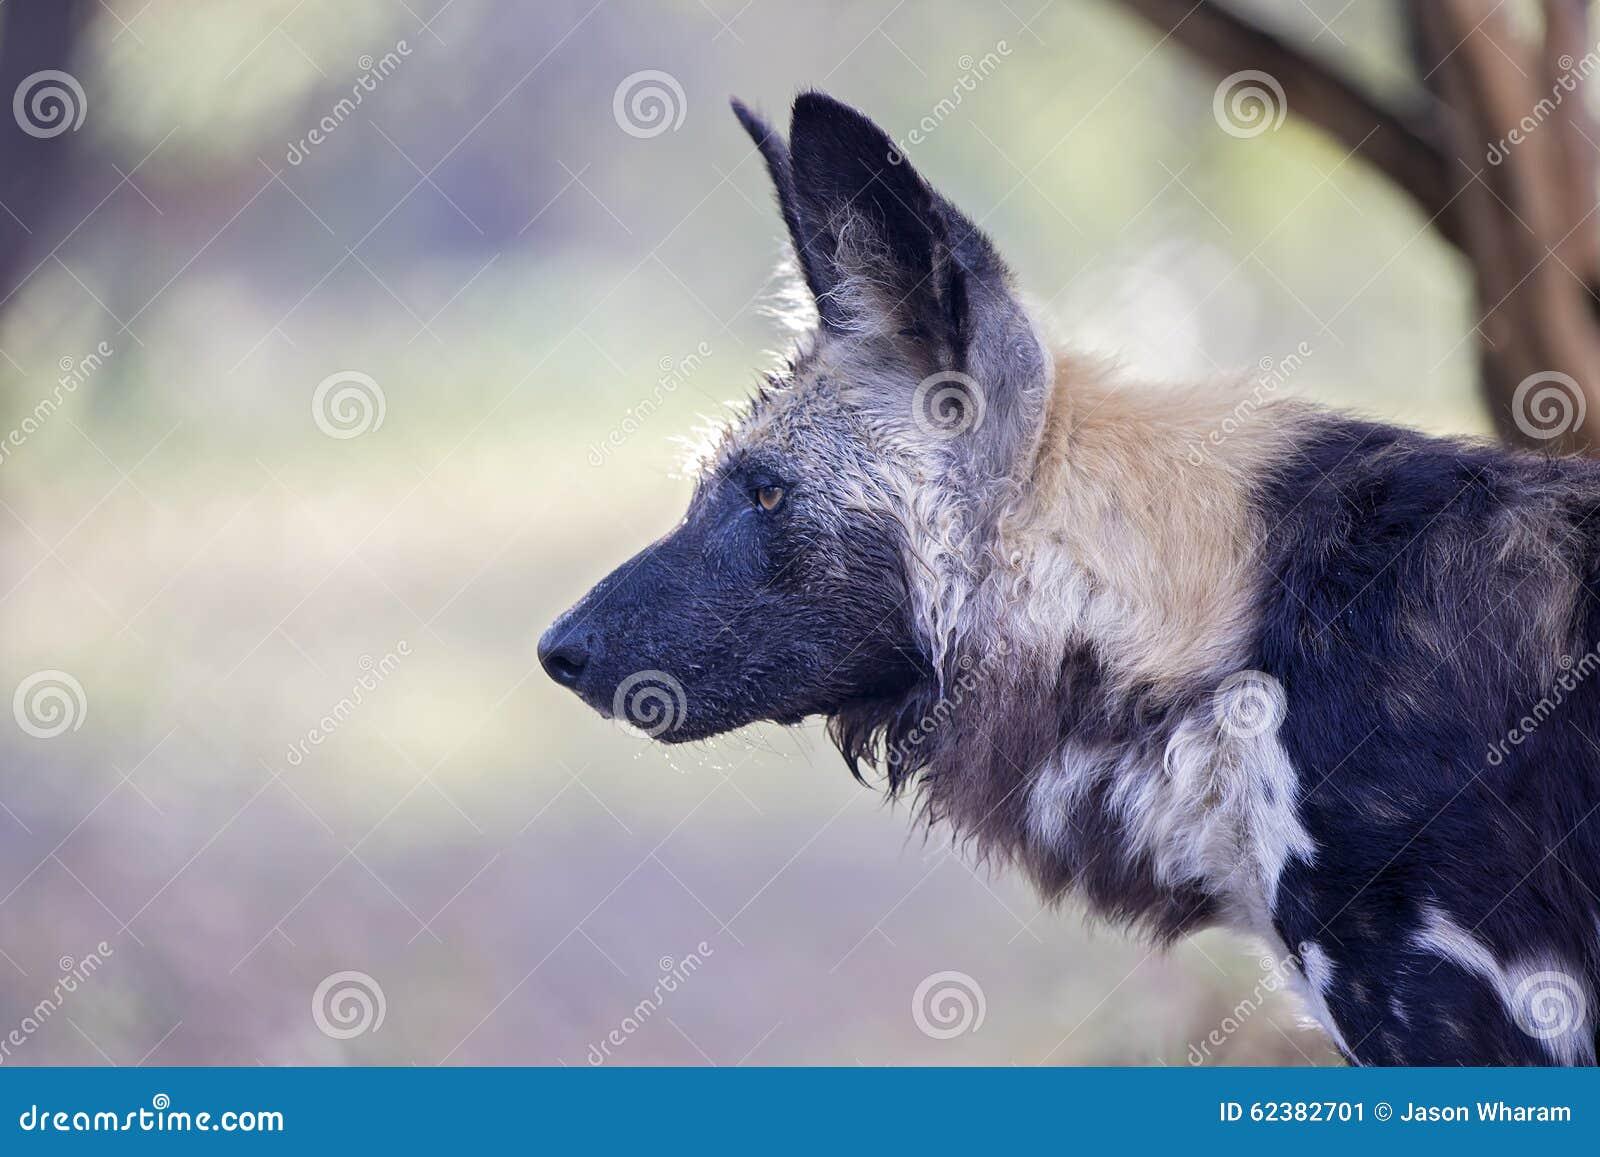 Chien Peint un cap africain sauvage/a peint le chien de chasse image stock